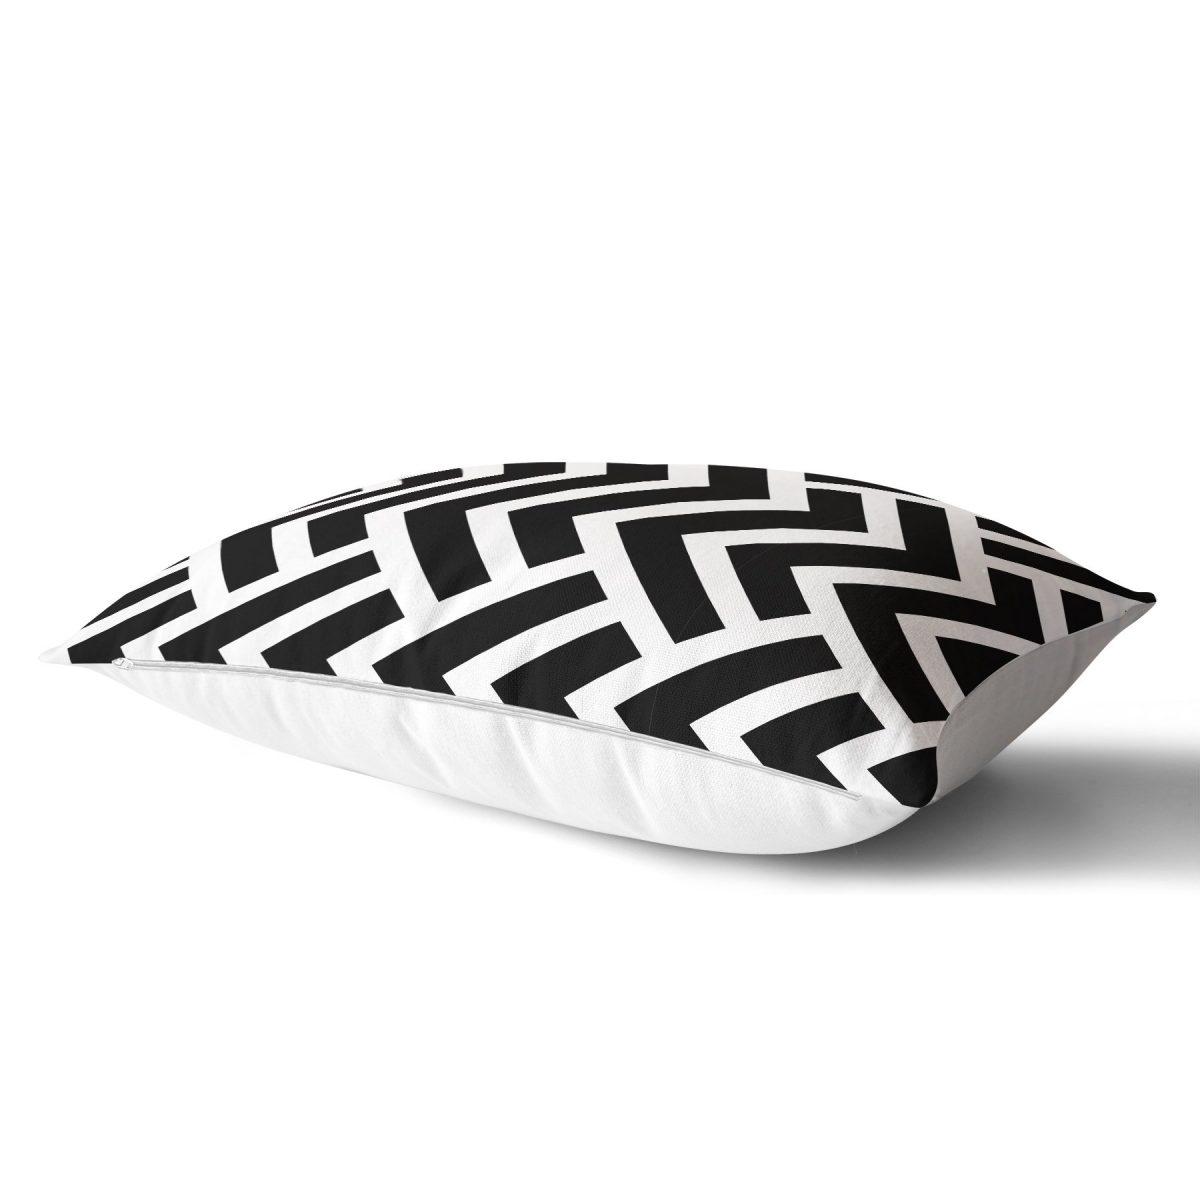 Siyah Beyaz Geometrik Desenli Dijital Dikdörtgen Yastık Kırlent Kılıfı Realhomes